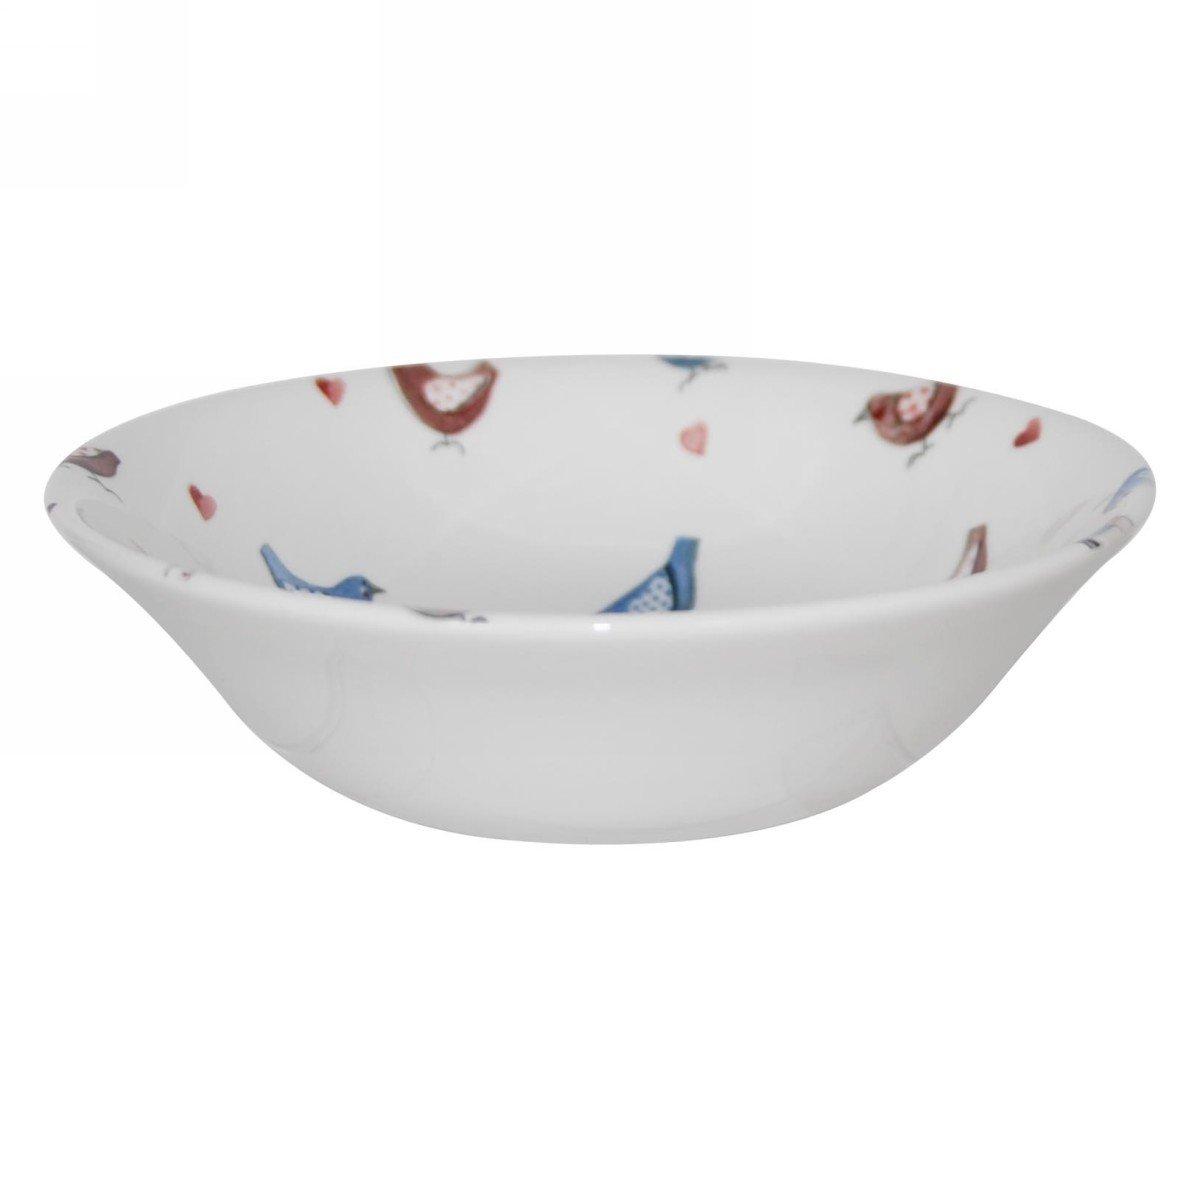 Глубокая тарелка Churchill 15,5 см Птички от Алекс Кларк